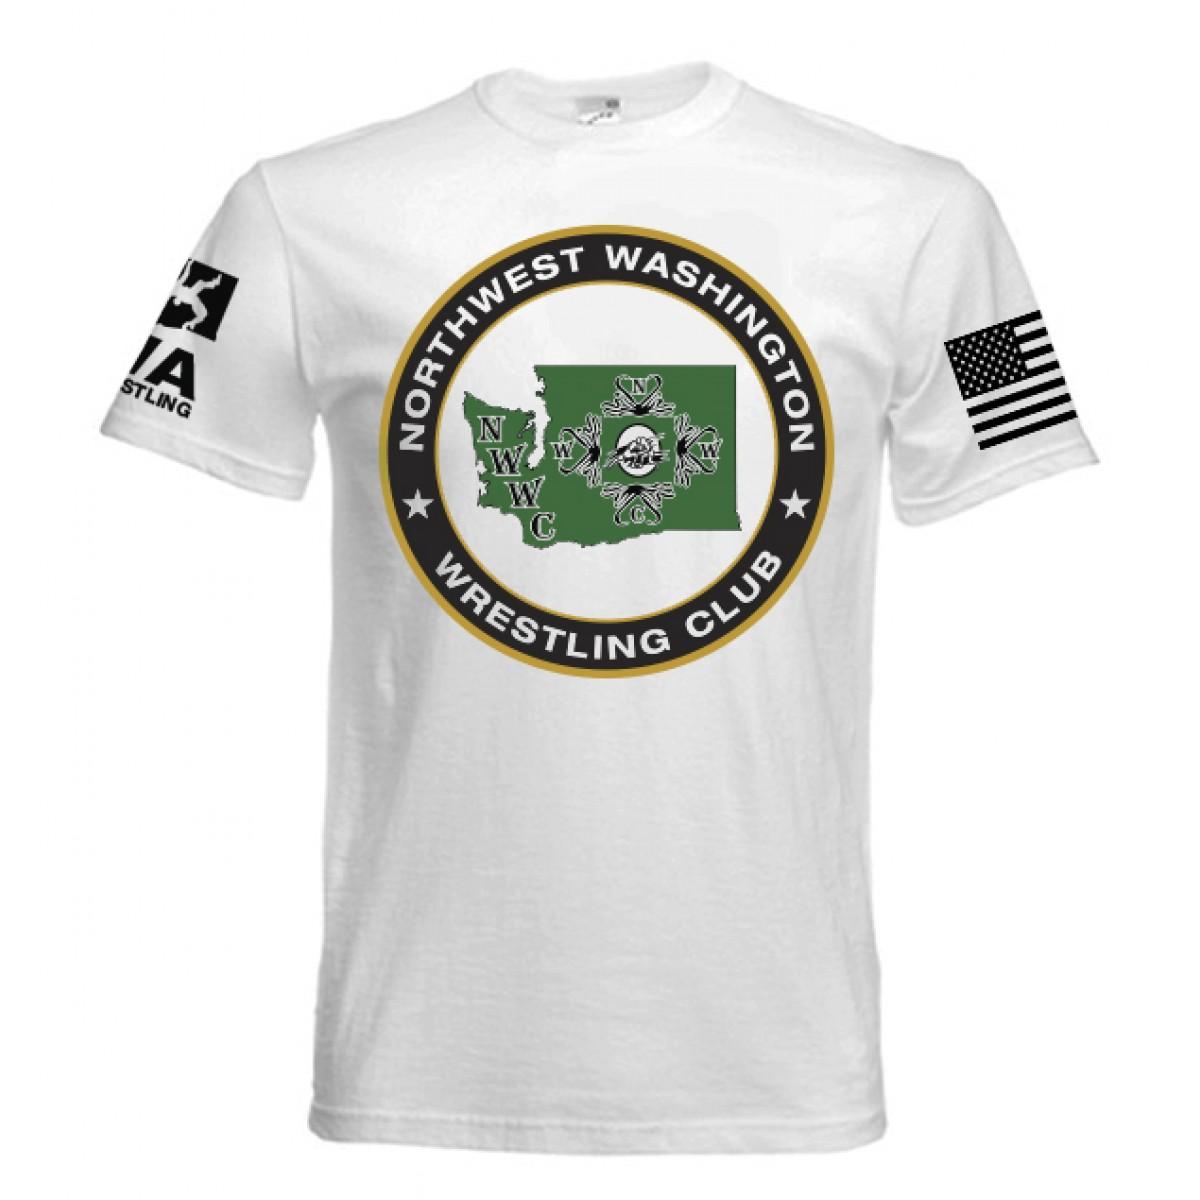 NWWC White T-shirt Green Logo-White-XL